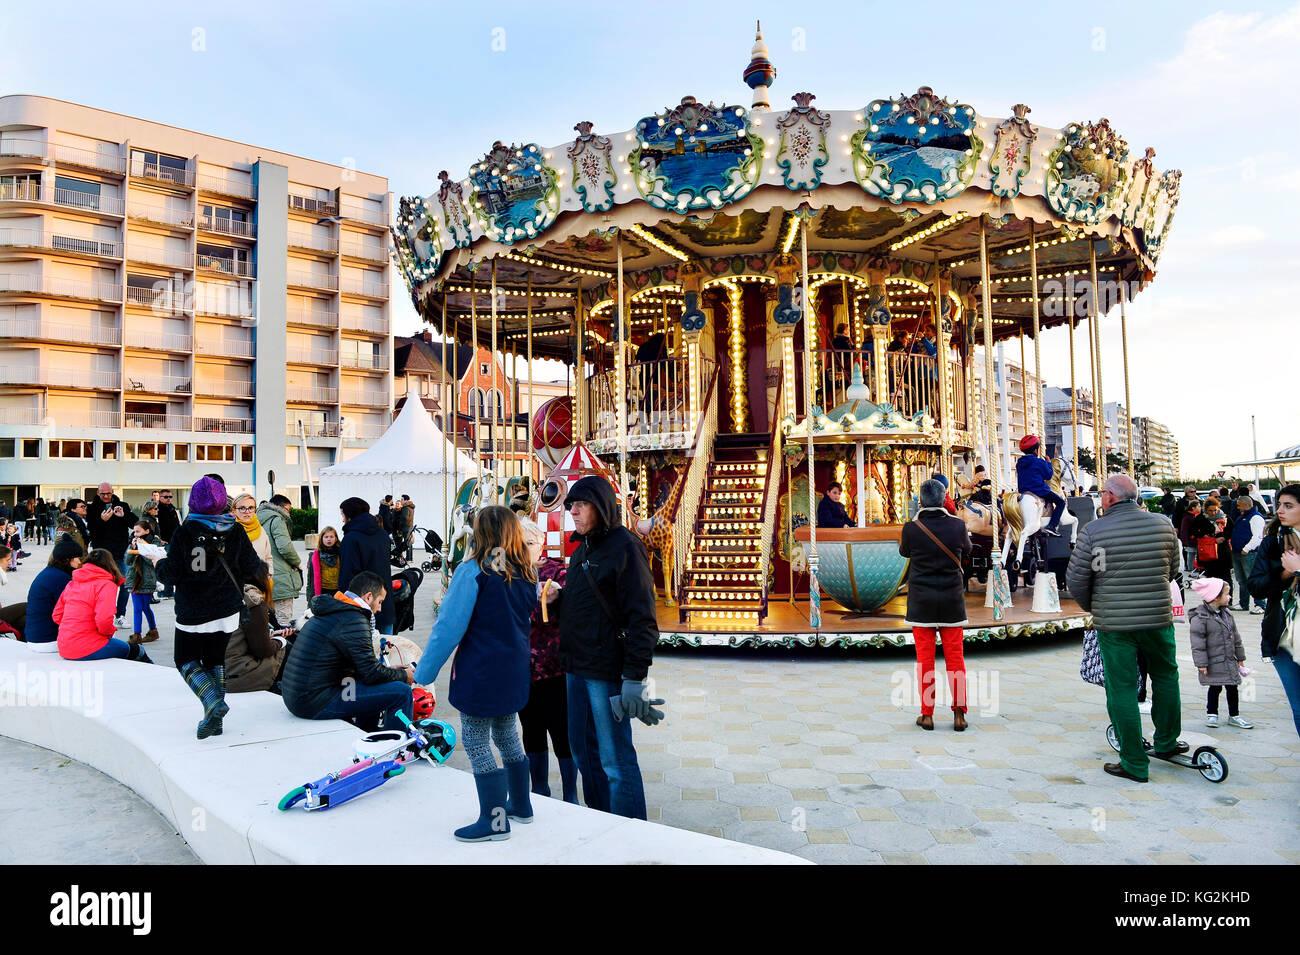 Merry go round - le touquet - paris plage, pas-de-Calais - hauts-de-france - France Photo Stock